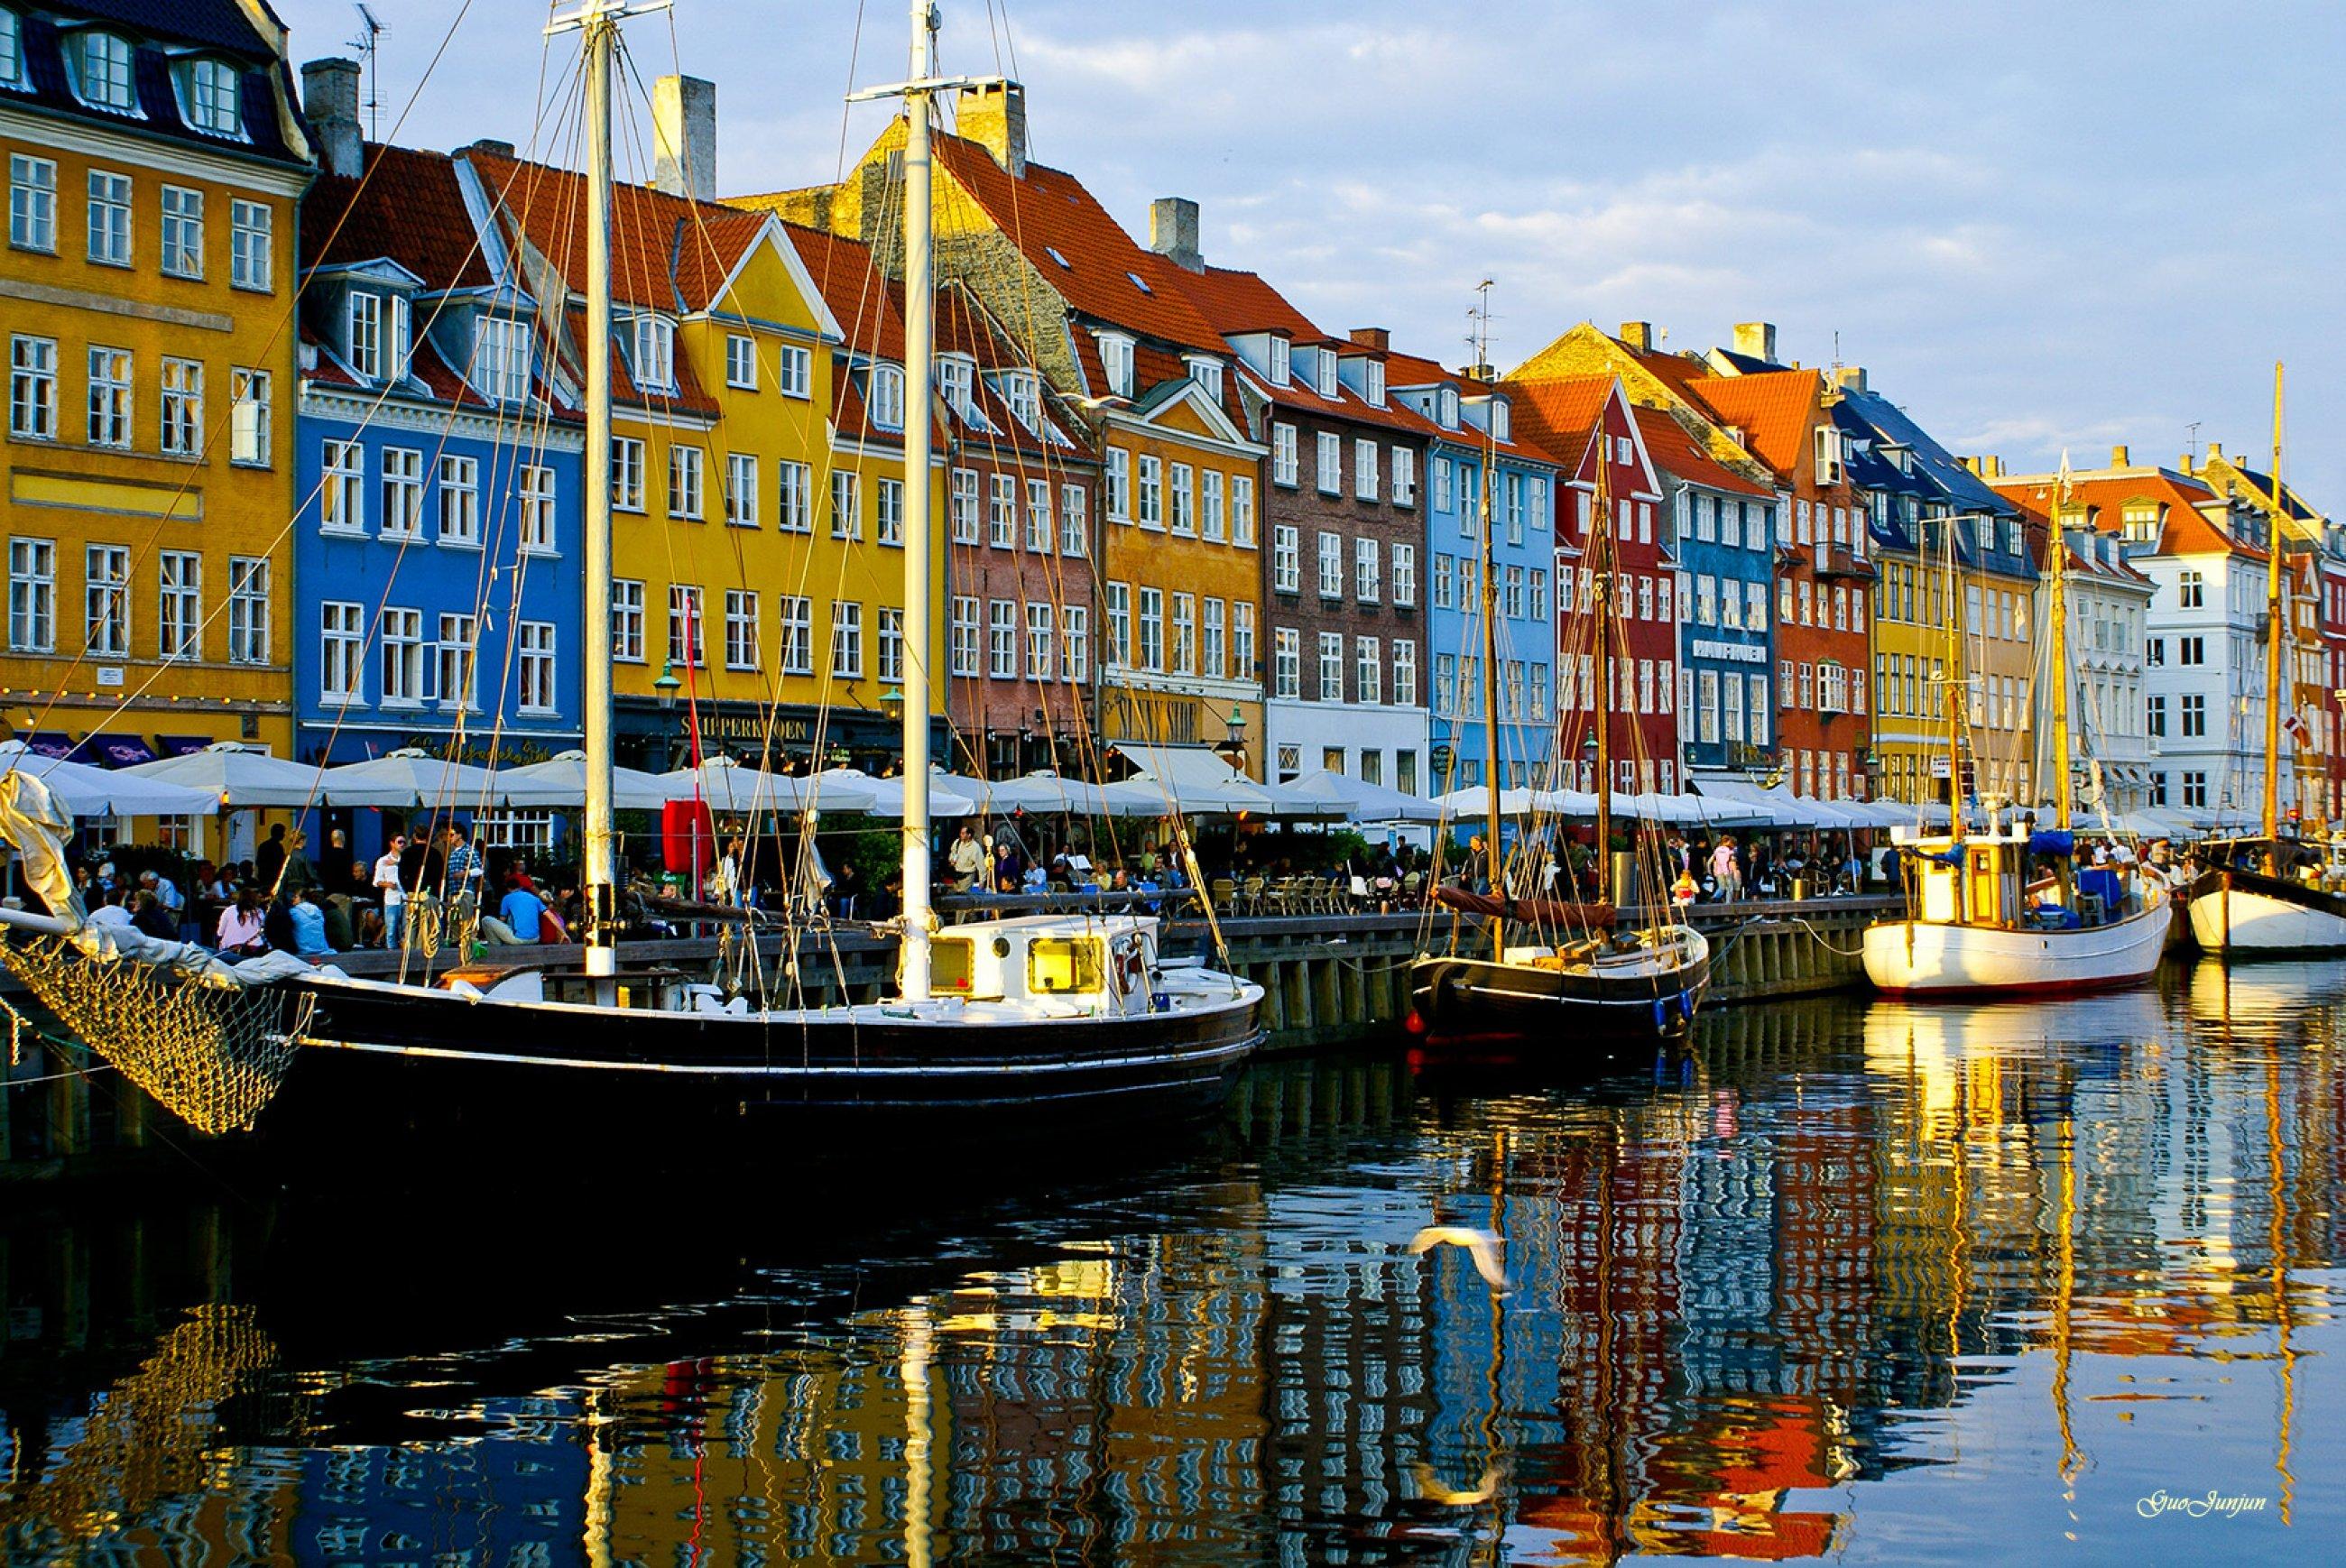 https://bubo.sk/uploads/galleries/7533/1-titulna-fotka-nyhavn-copenhagen-wikimedia.jpg